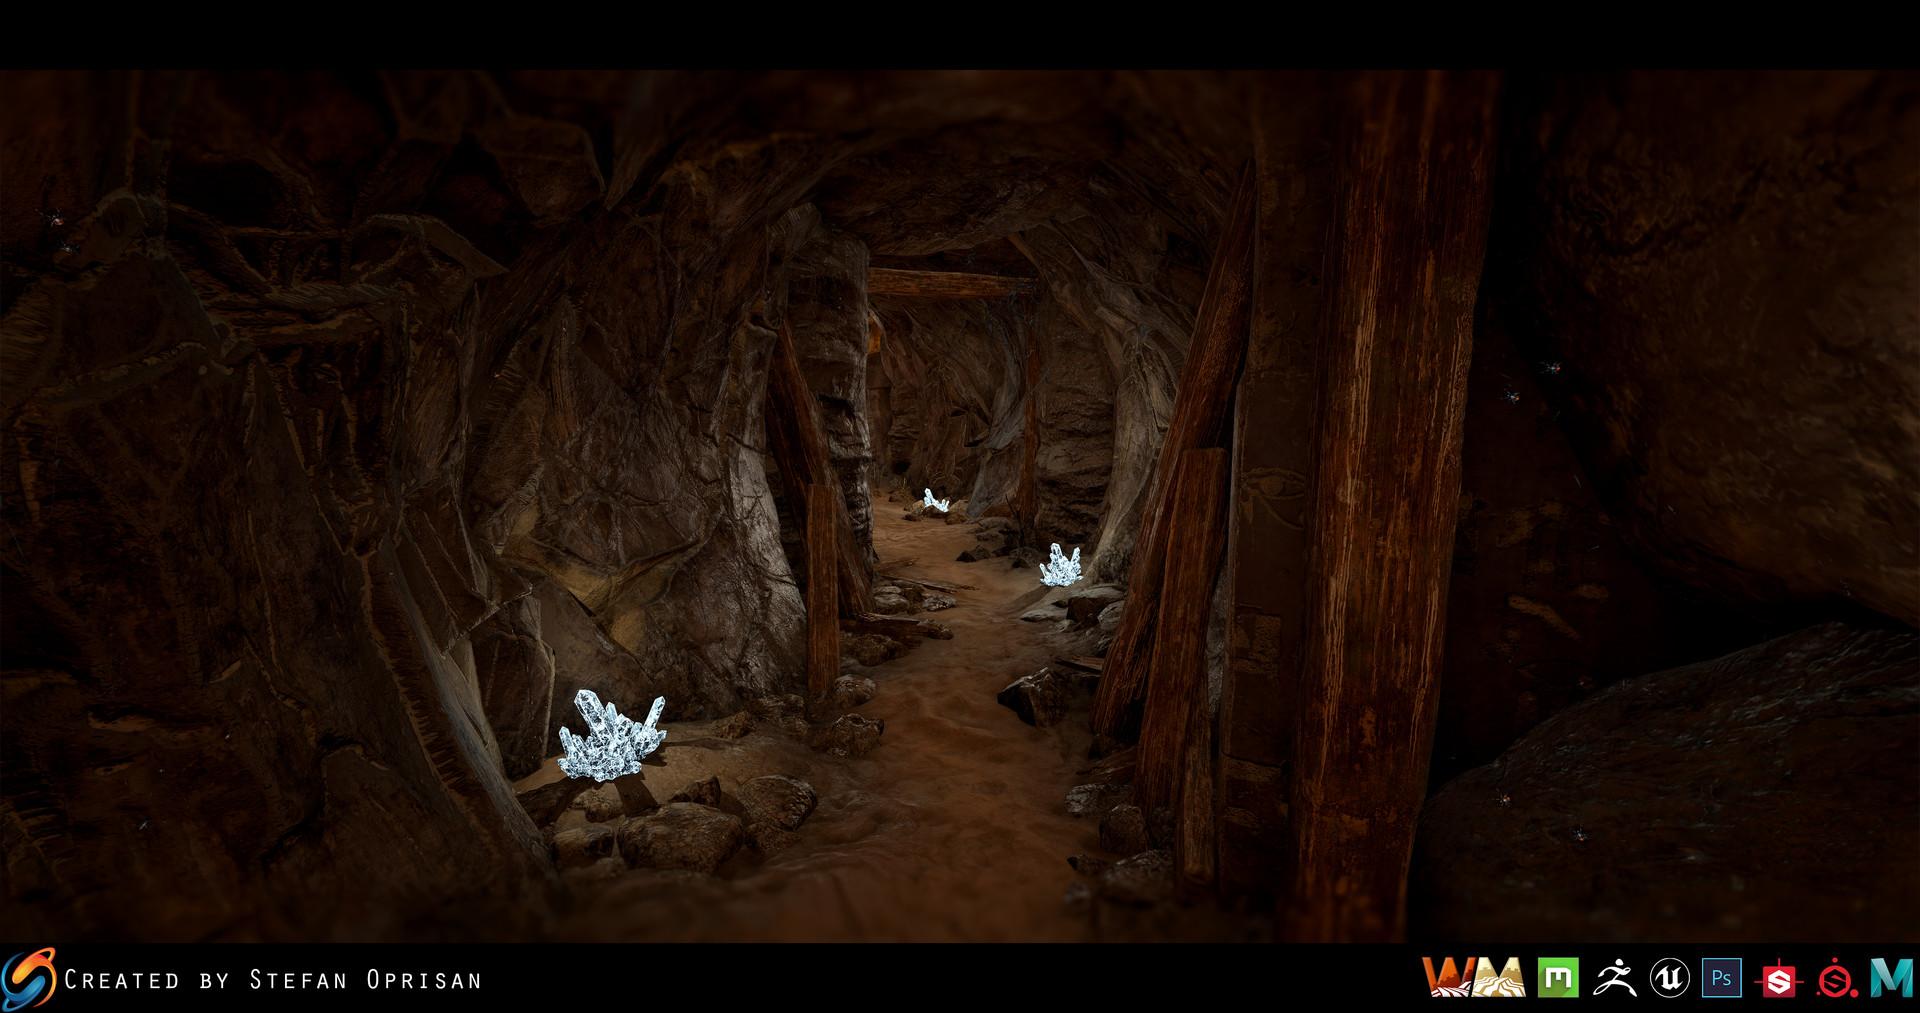 Stefan oprisan tunnel 1